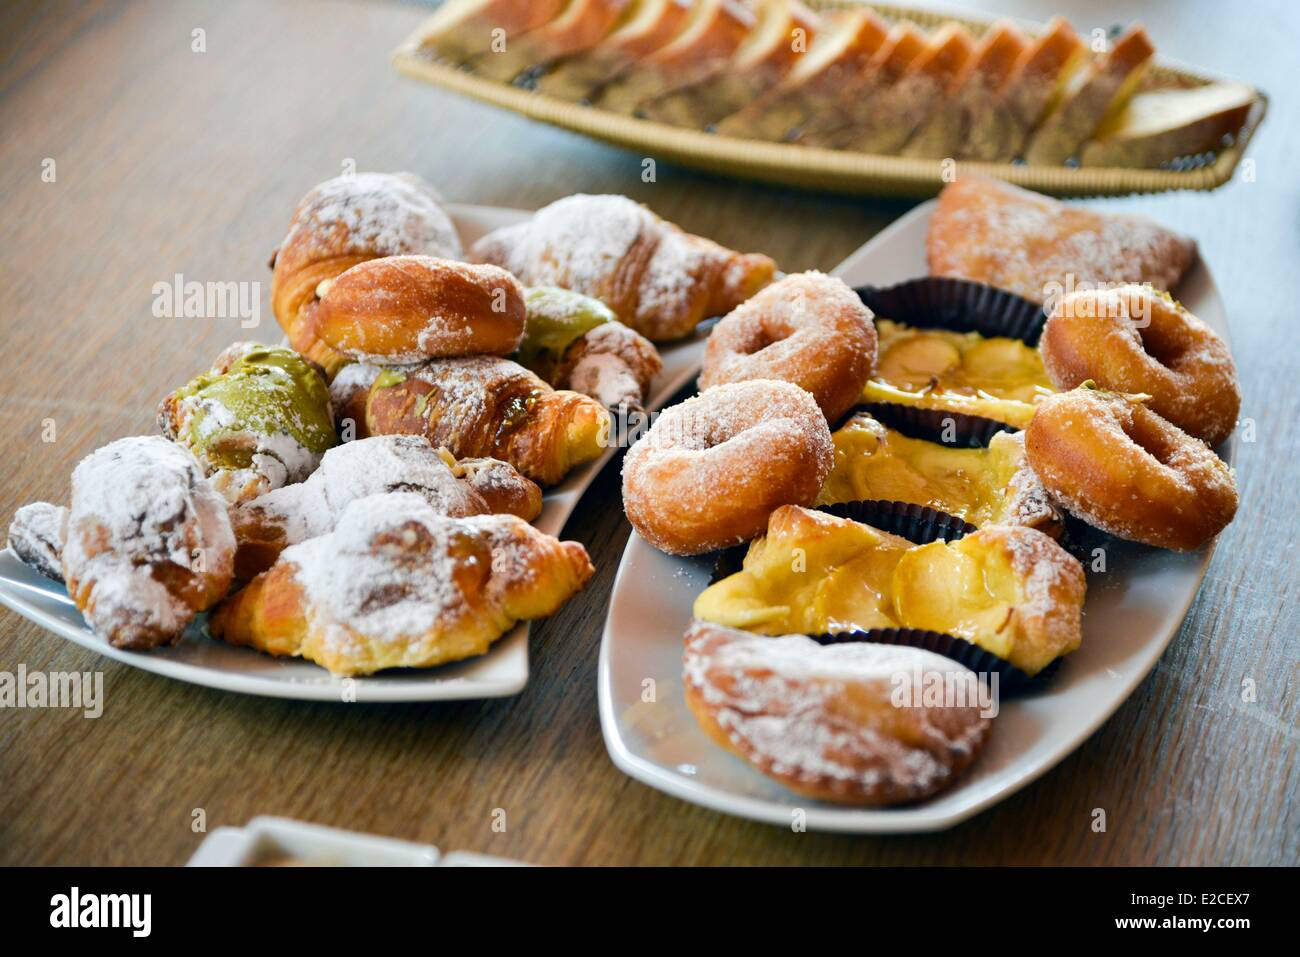 Italien, Sizilien, Ägadischen Inseln, Insel Favignana, Teller Mit  Italienischen Kuchen Gebäck Für Das Frühstück